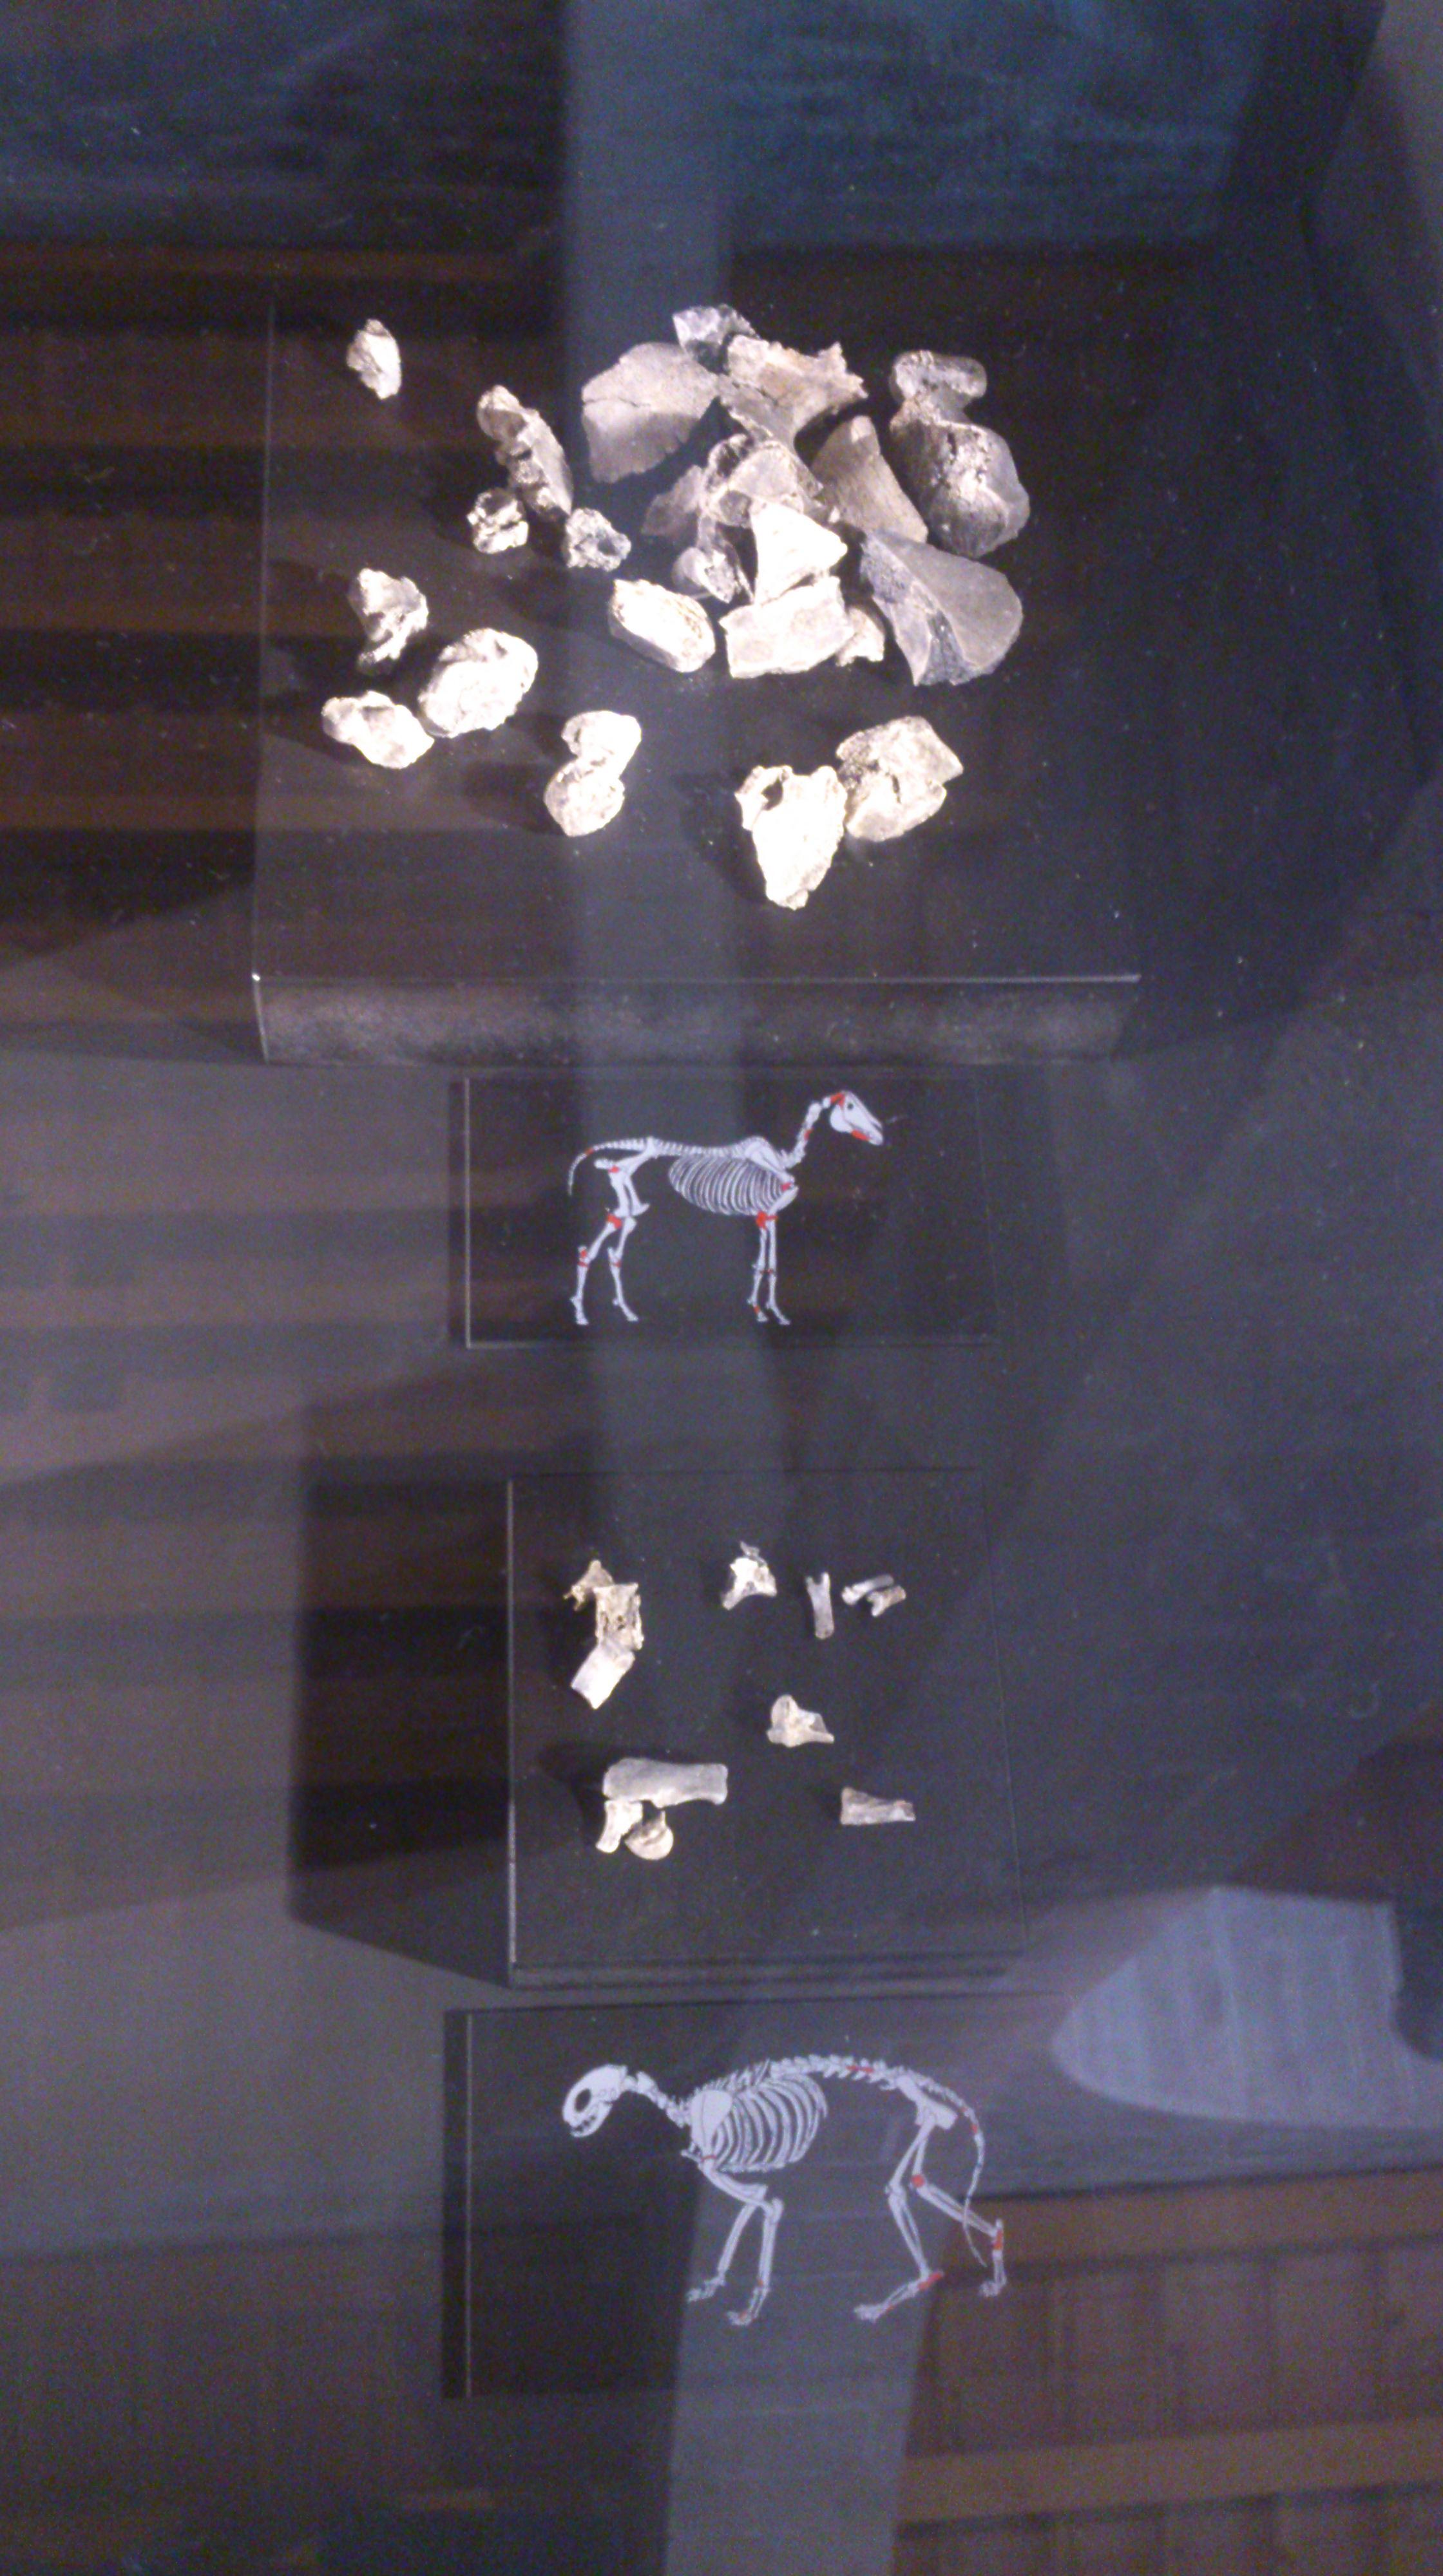 Abajo, huesos de gato hallados en un yacimiento arqueológico como sacrificio a los dioses. Foto realizada en la exposición Vikings del Museu Marítim de Barcelona.